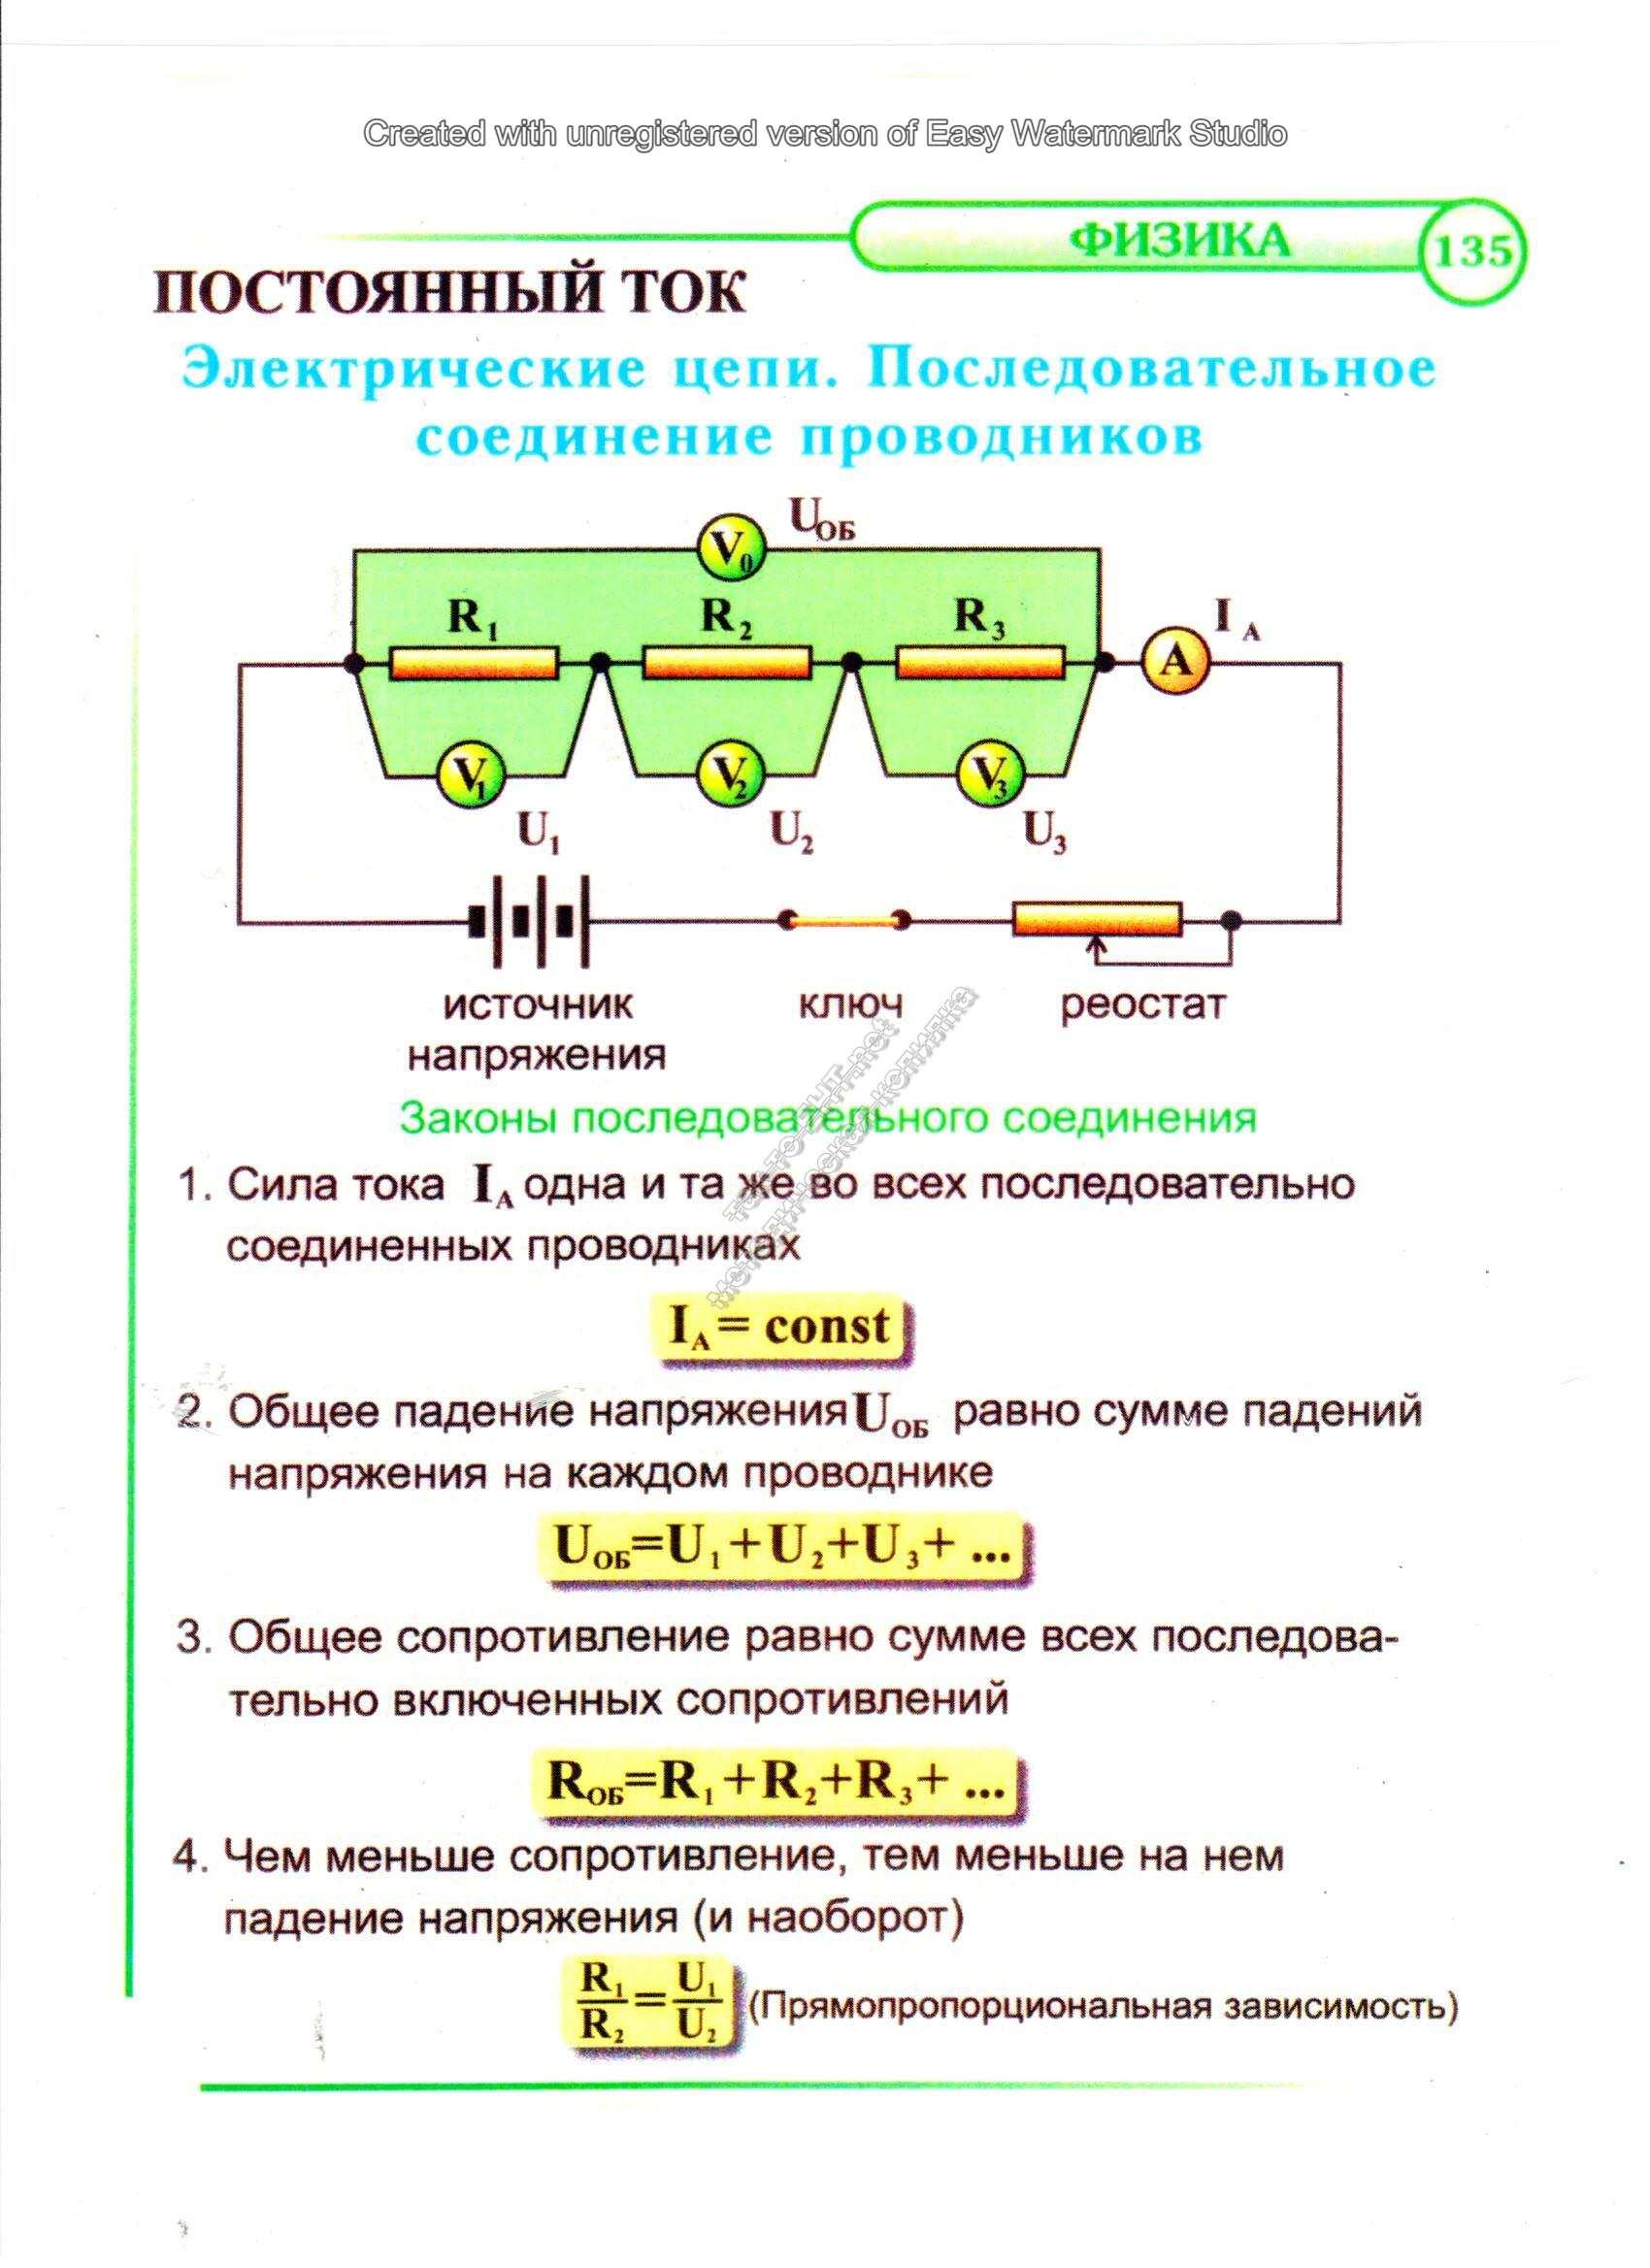 Электрические цепи. Последовательное соединение проводников